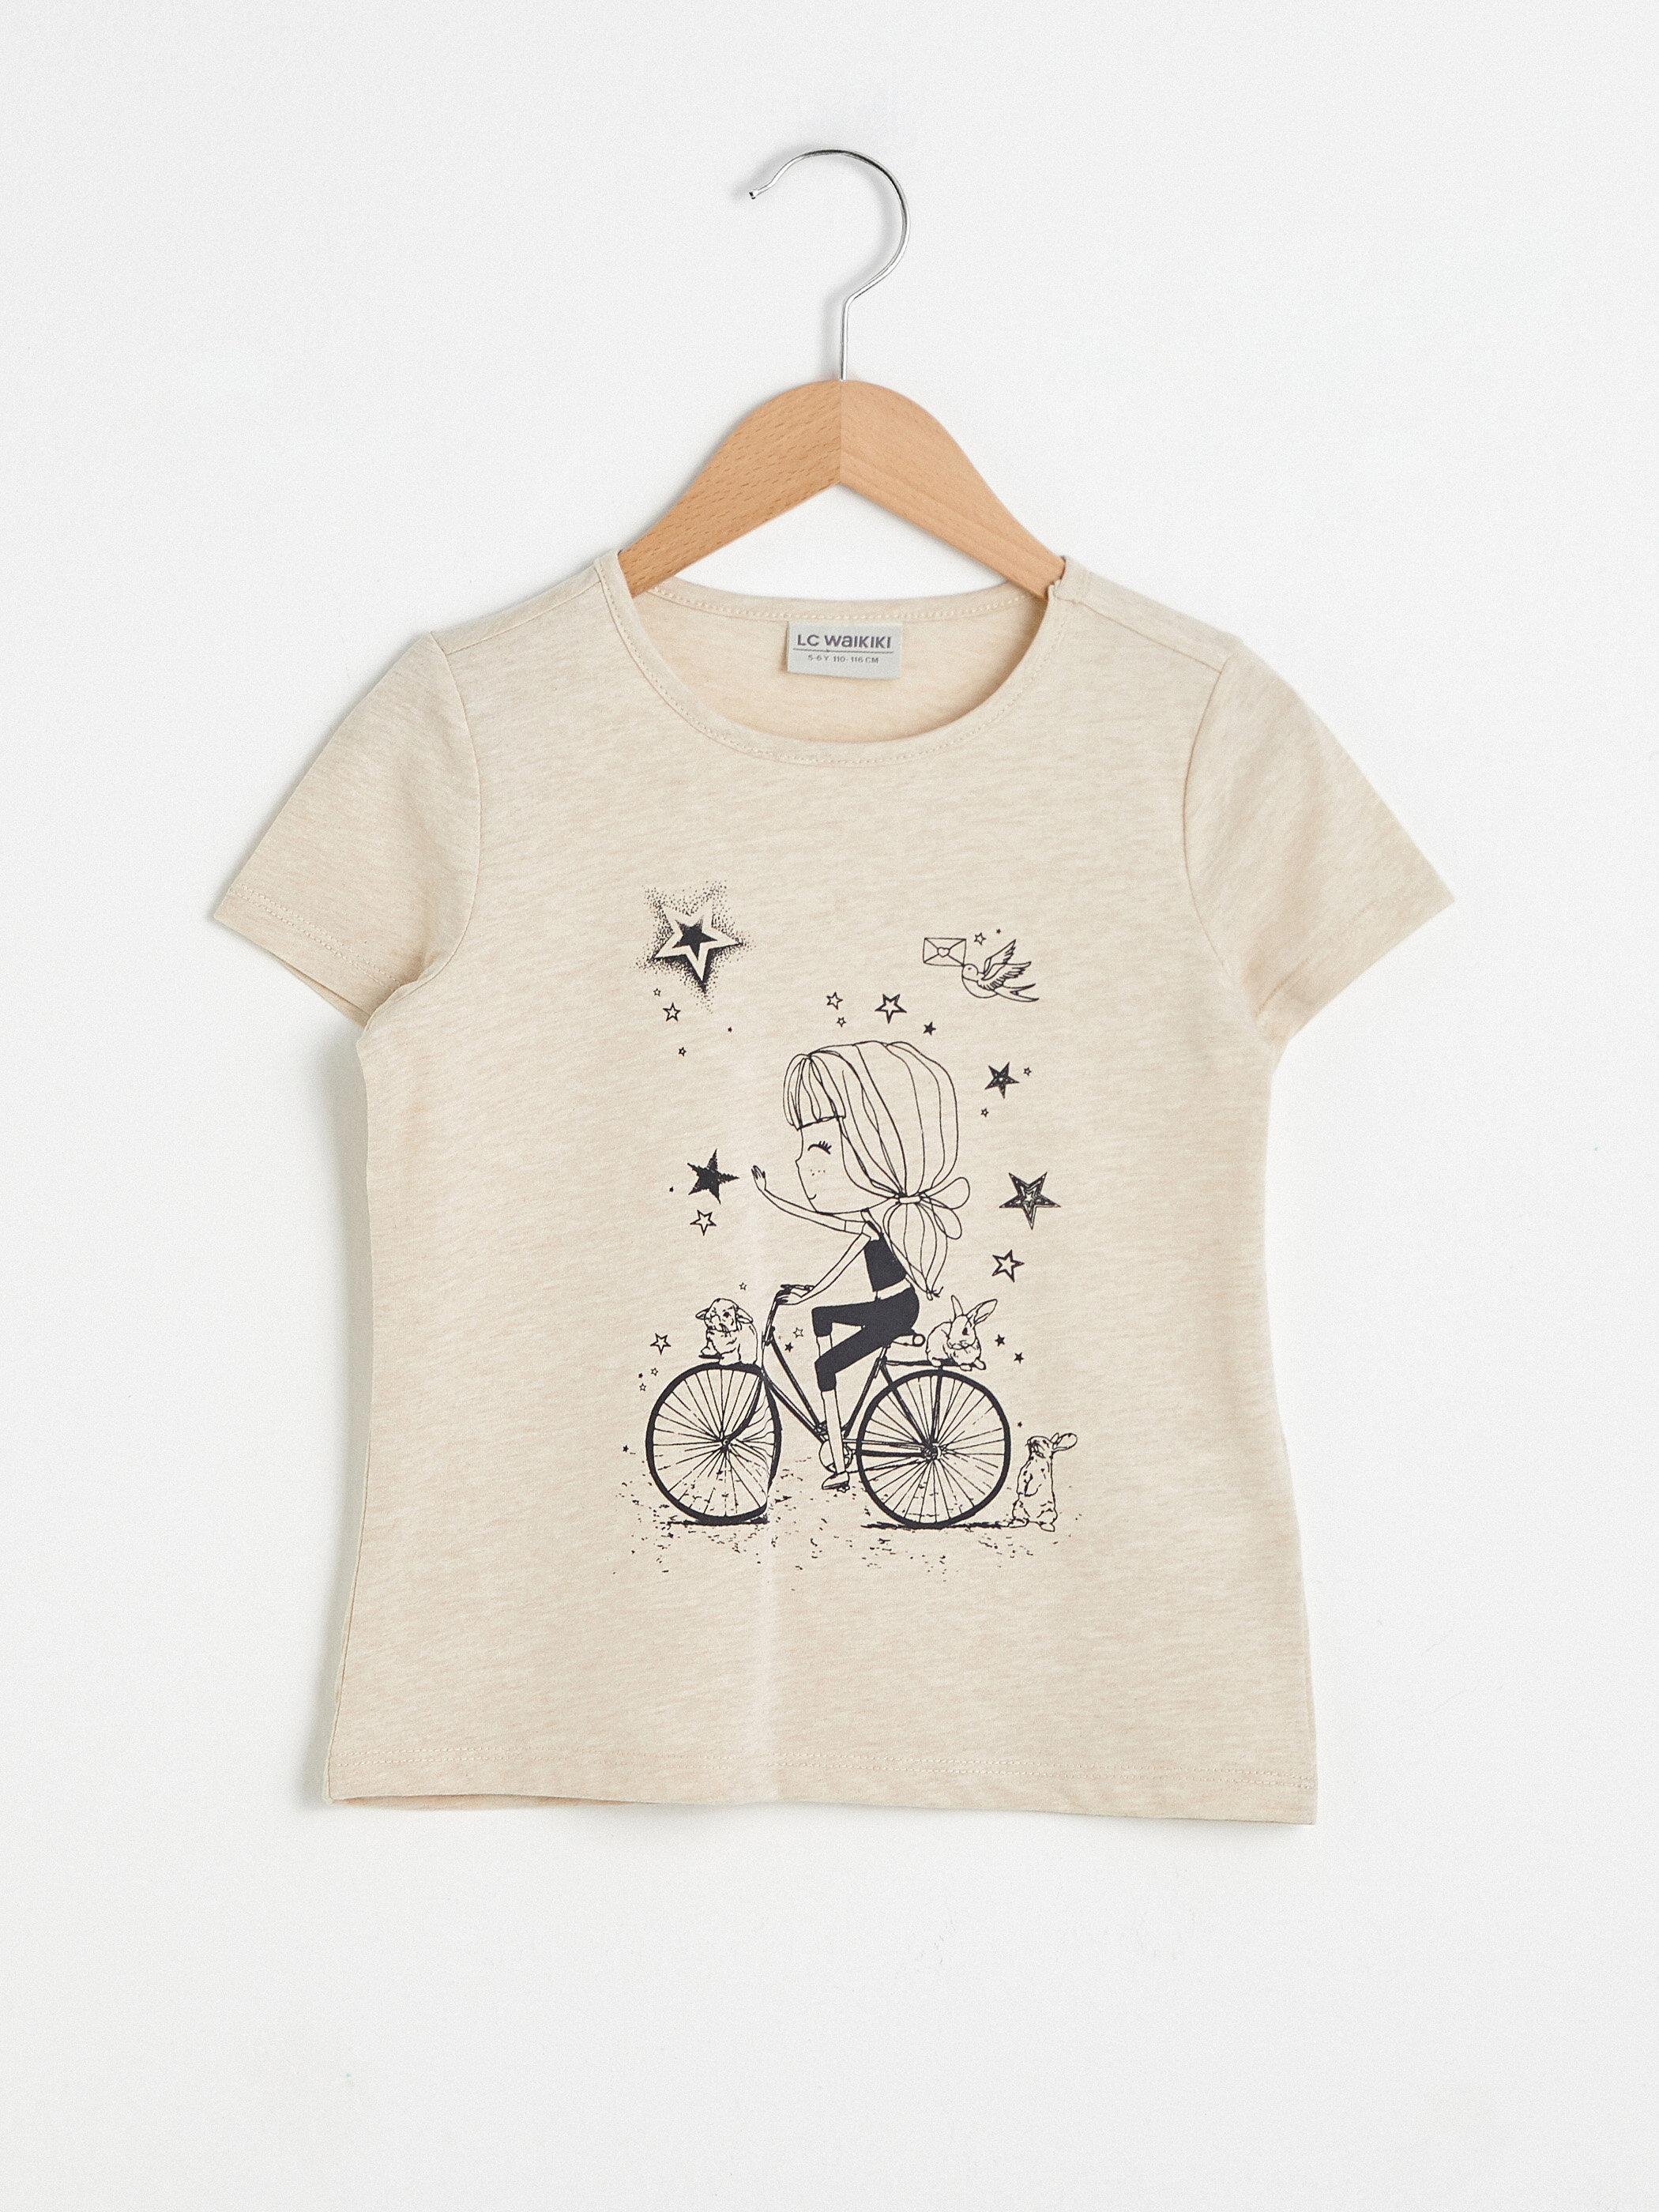 Bisiklet Yaka Baskılı Uzun Kollu Kız Çocuk Tişört - LC WAIKIKI